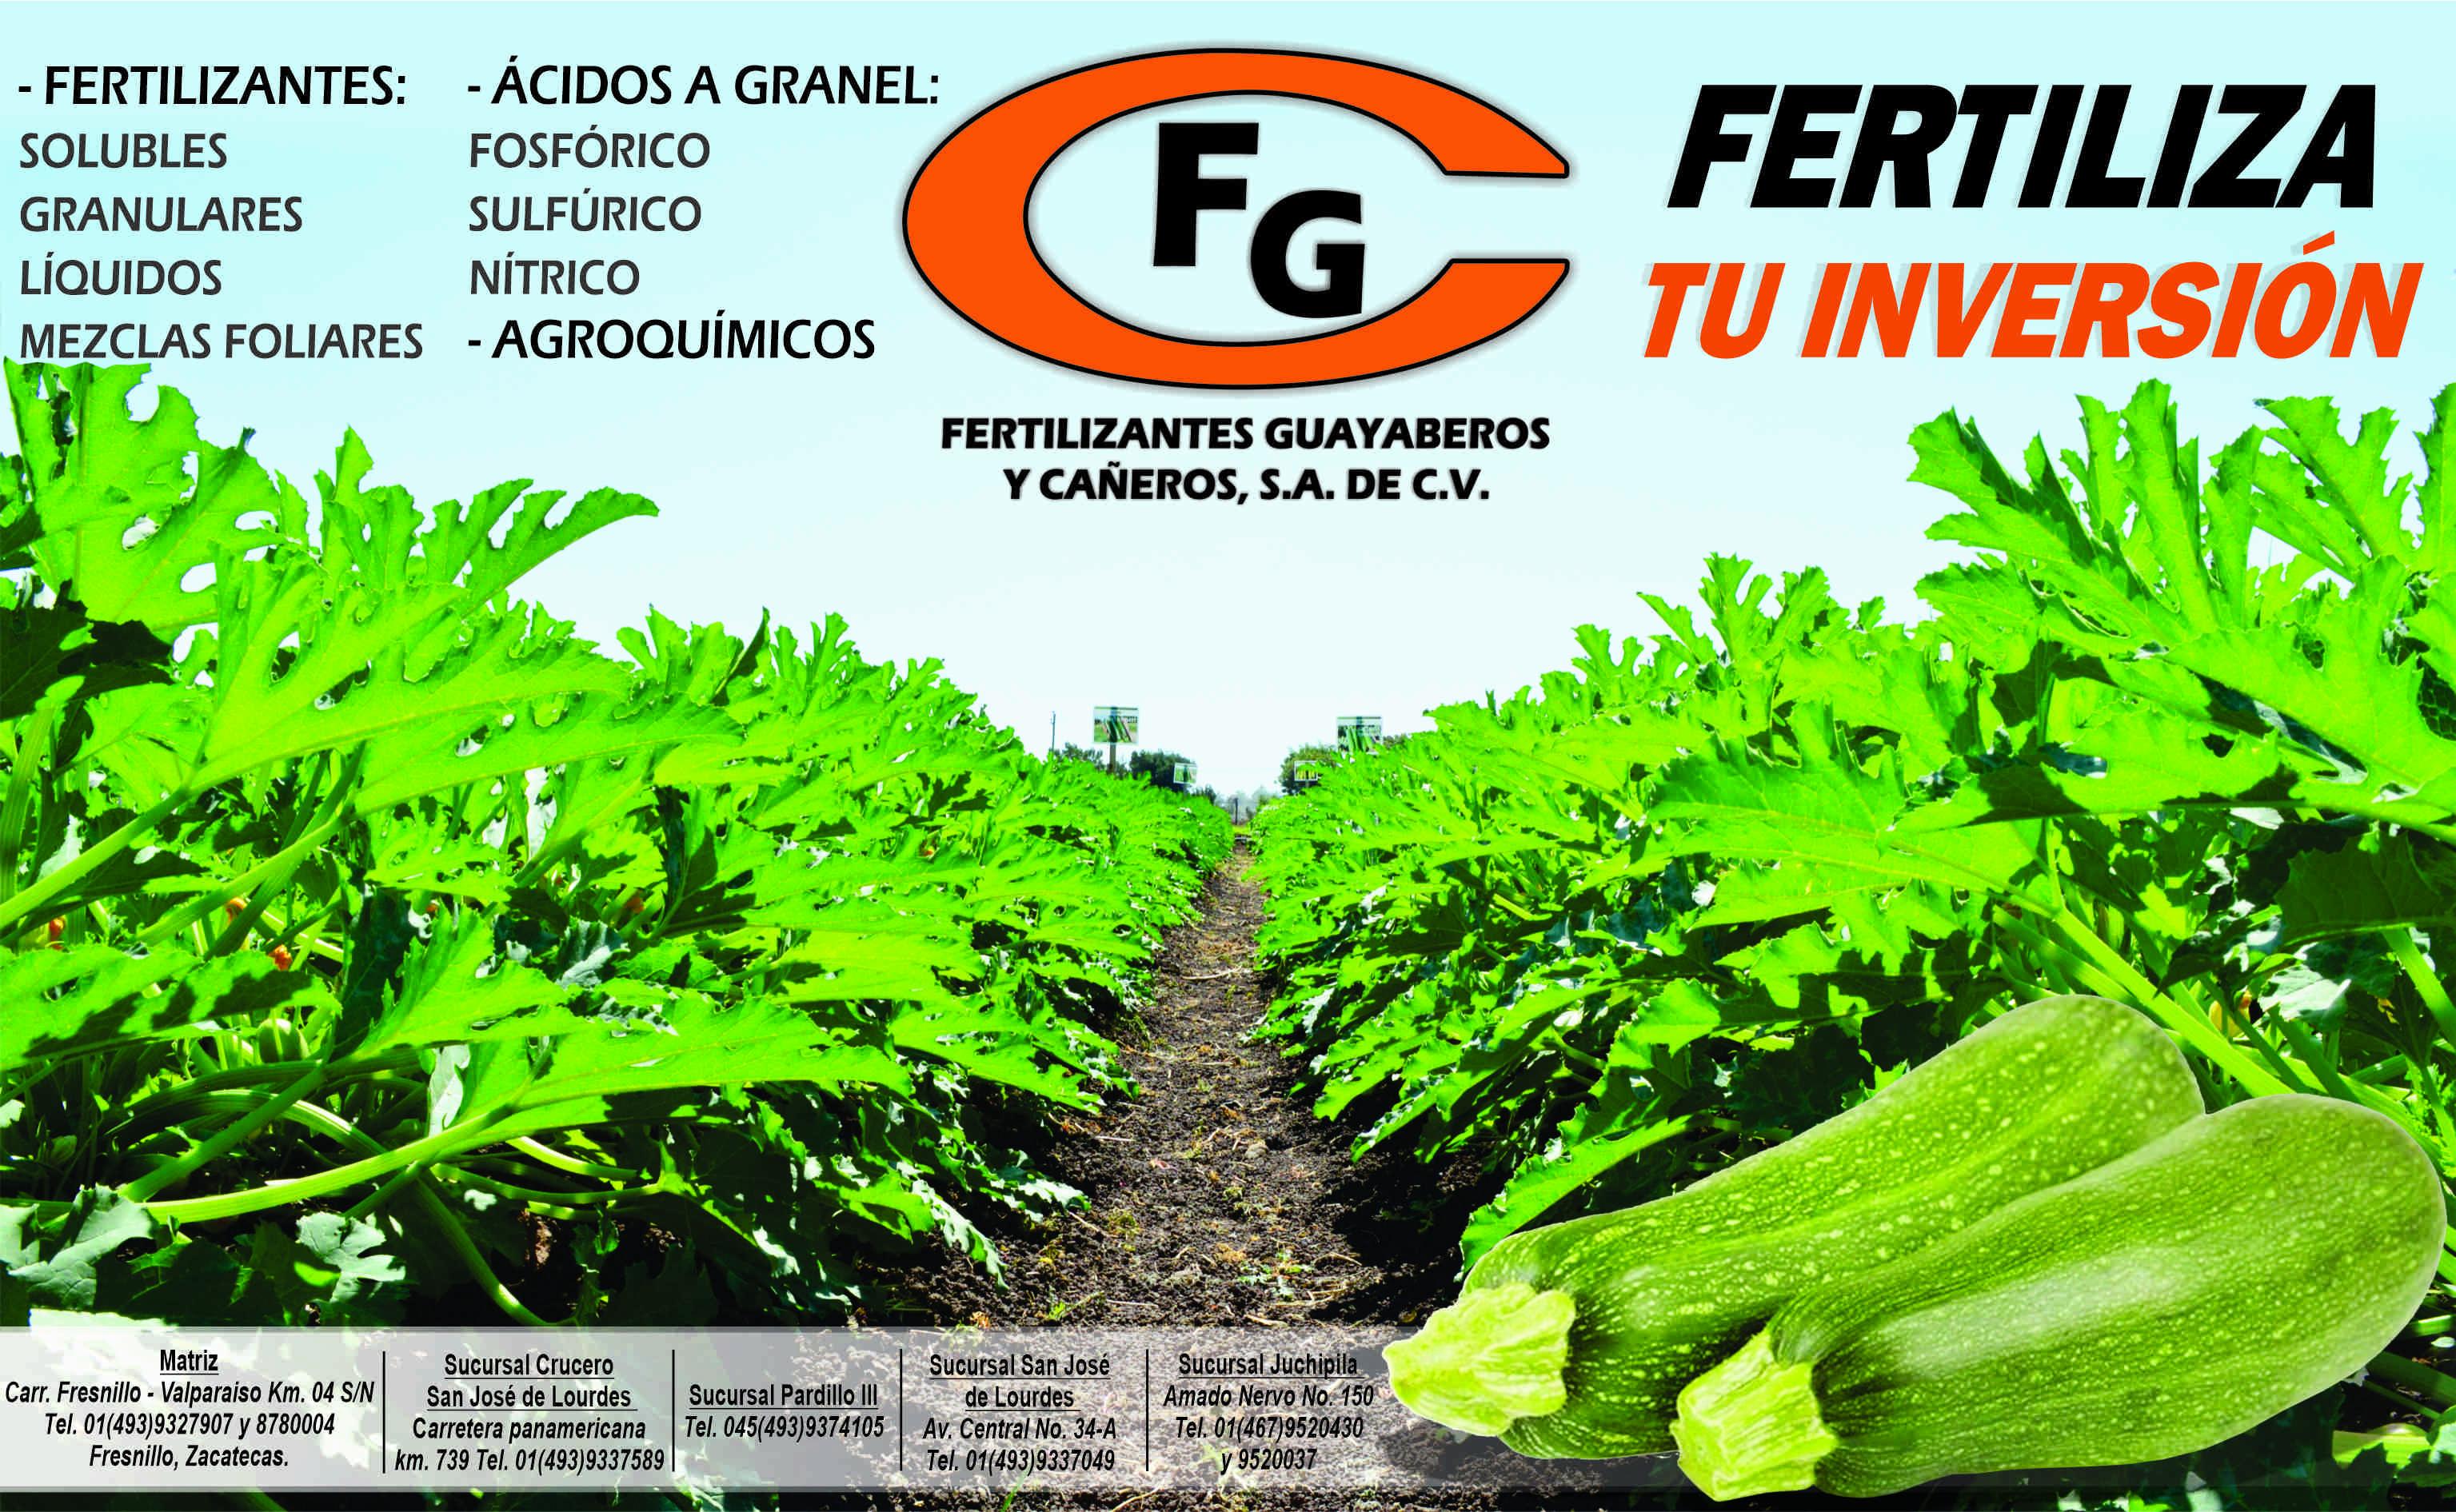 Fertilizantes Guayaberos y Cañeros, S.A. de C.V.